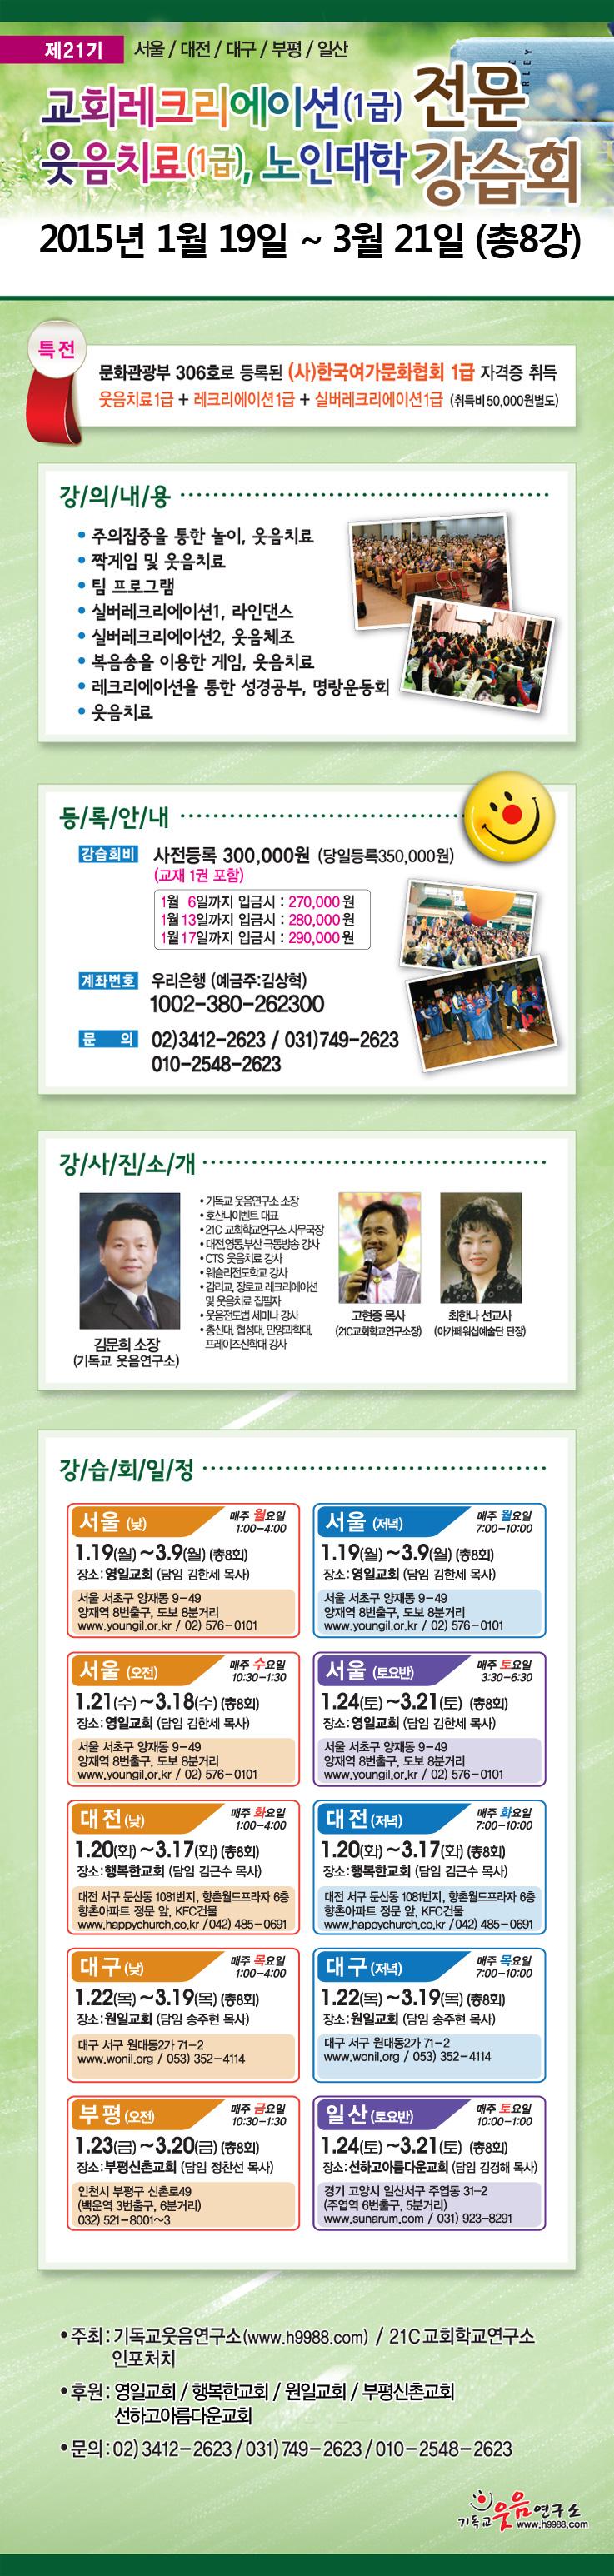 21기강습회_홈페이지용.jpg